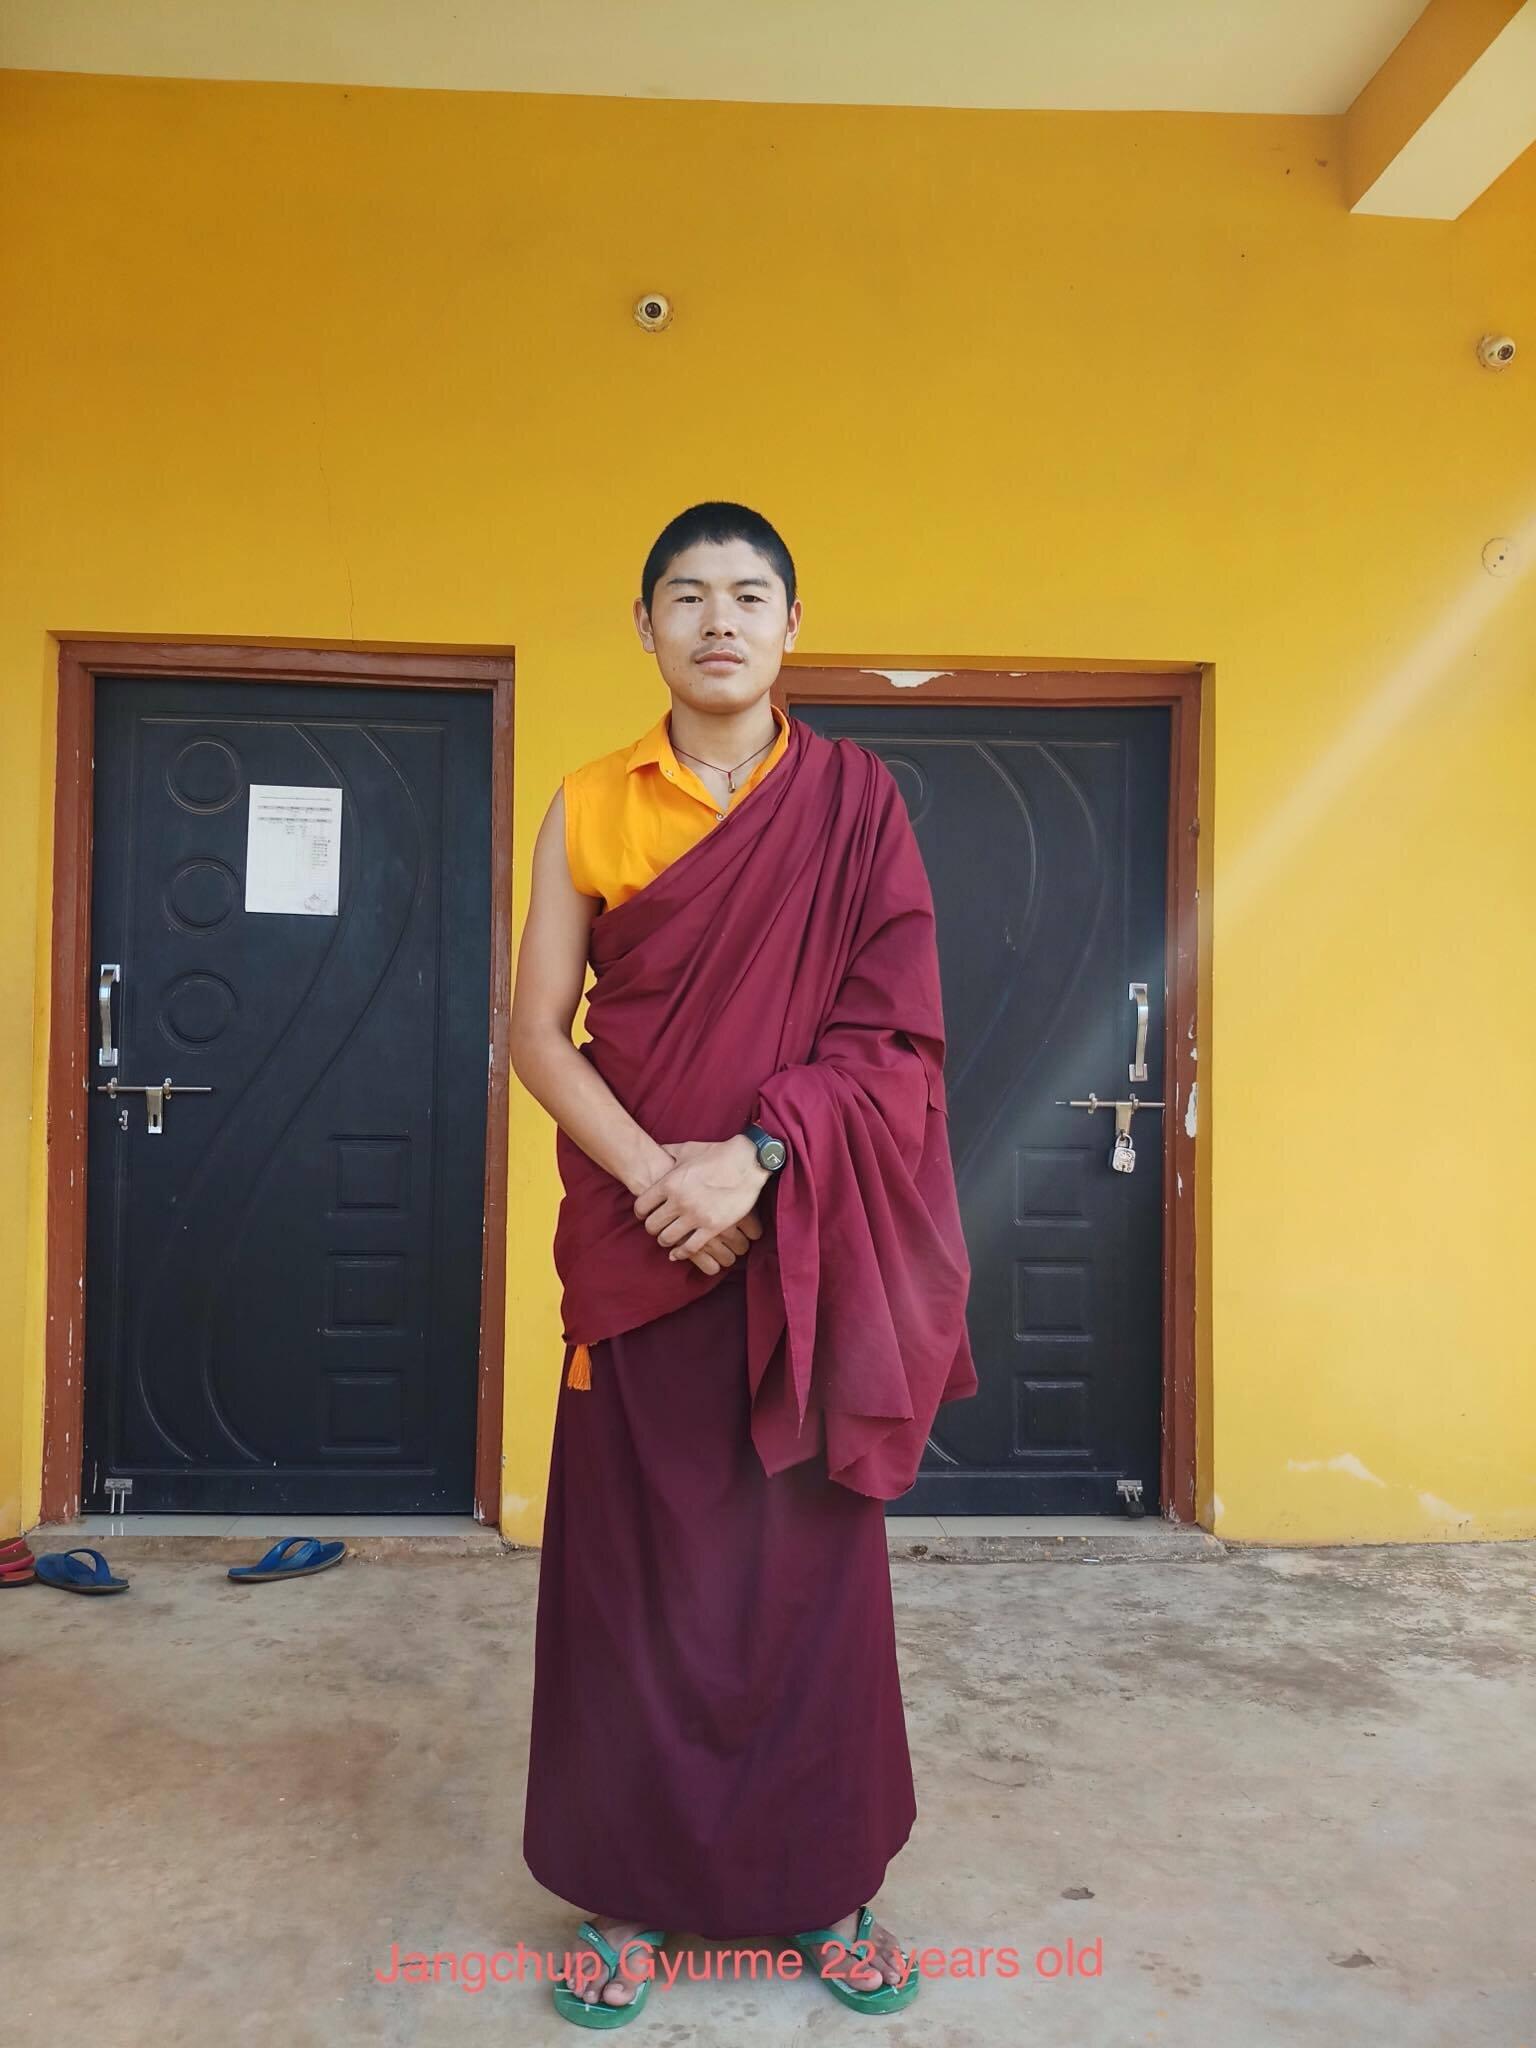 Monk_Jangchup_Gyurme_22yrs_old.jpg